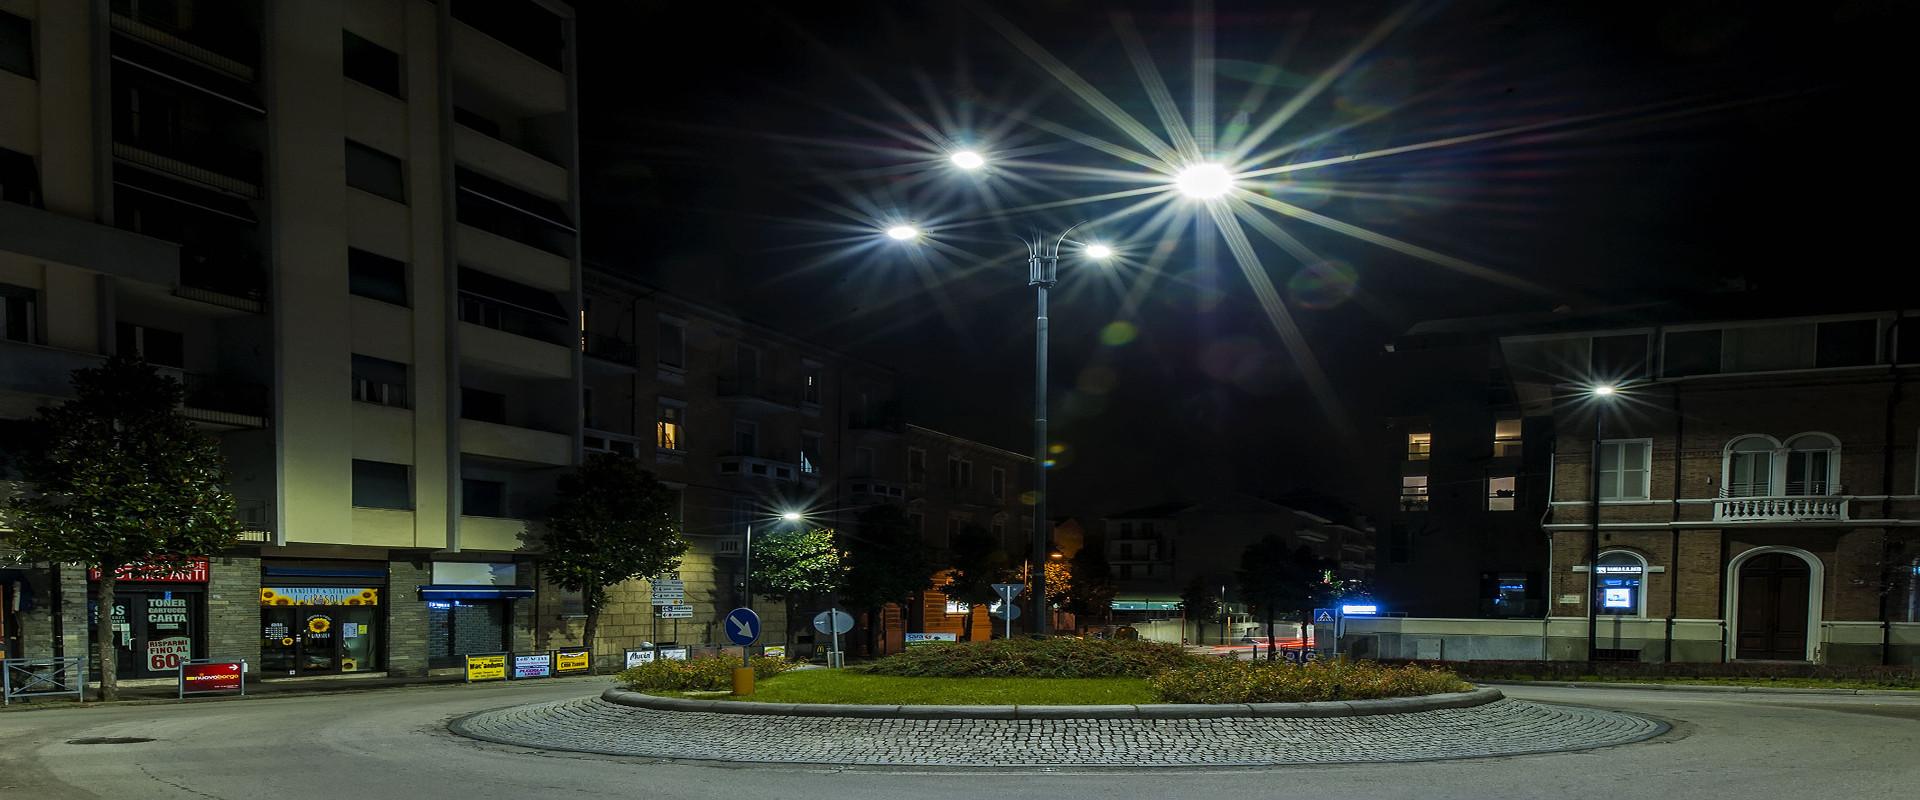 20.PIAZZA-VITTORIO-VENETO